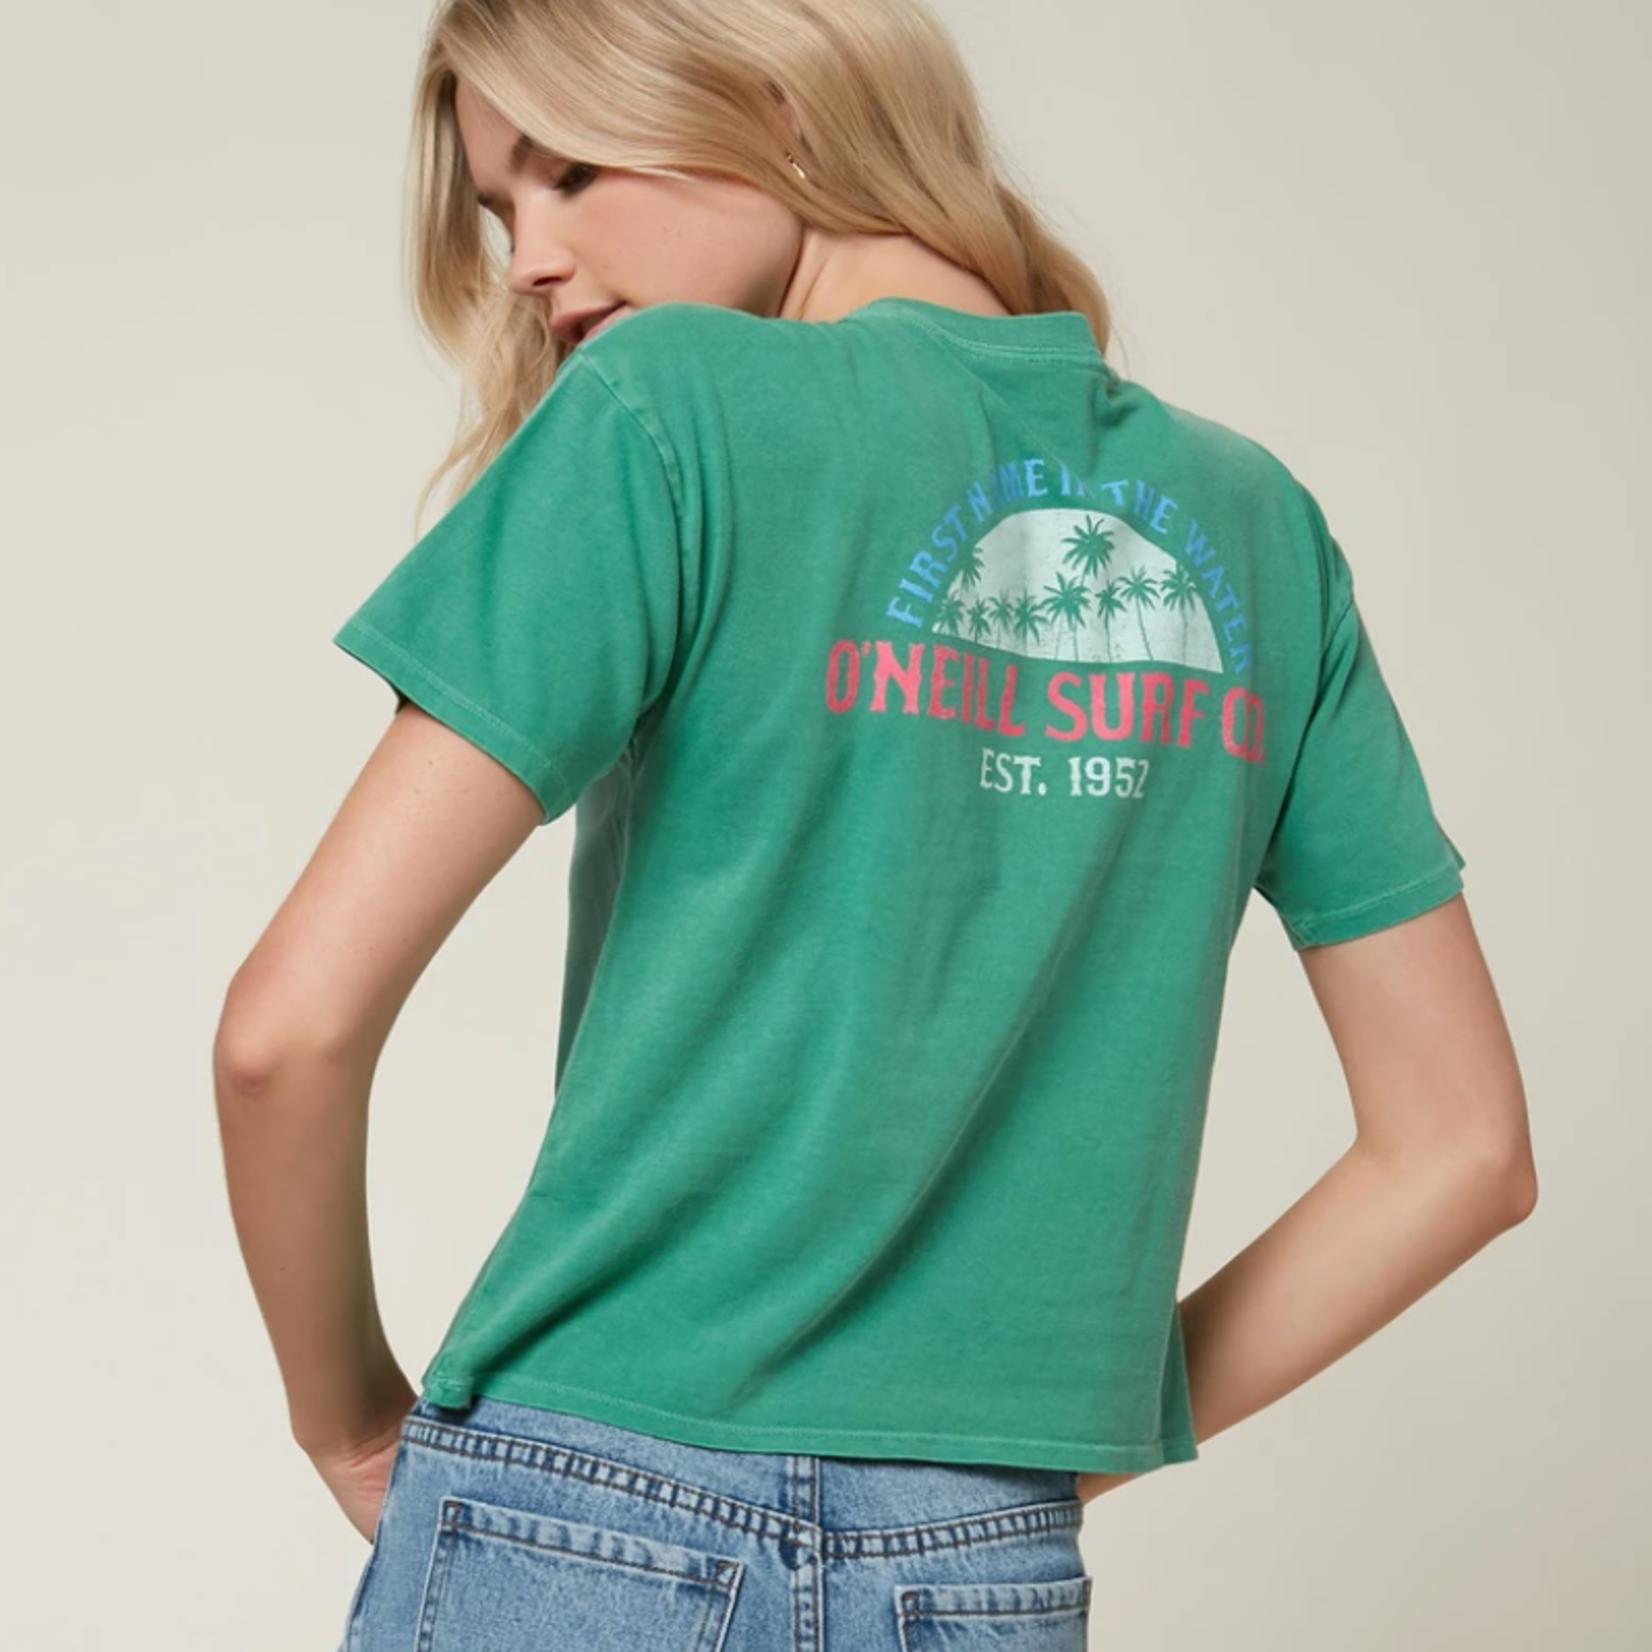 O'Neill O'Neill Original Surf T-shirt.